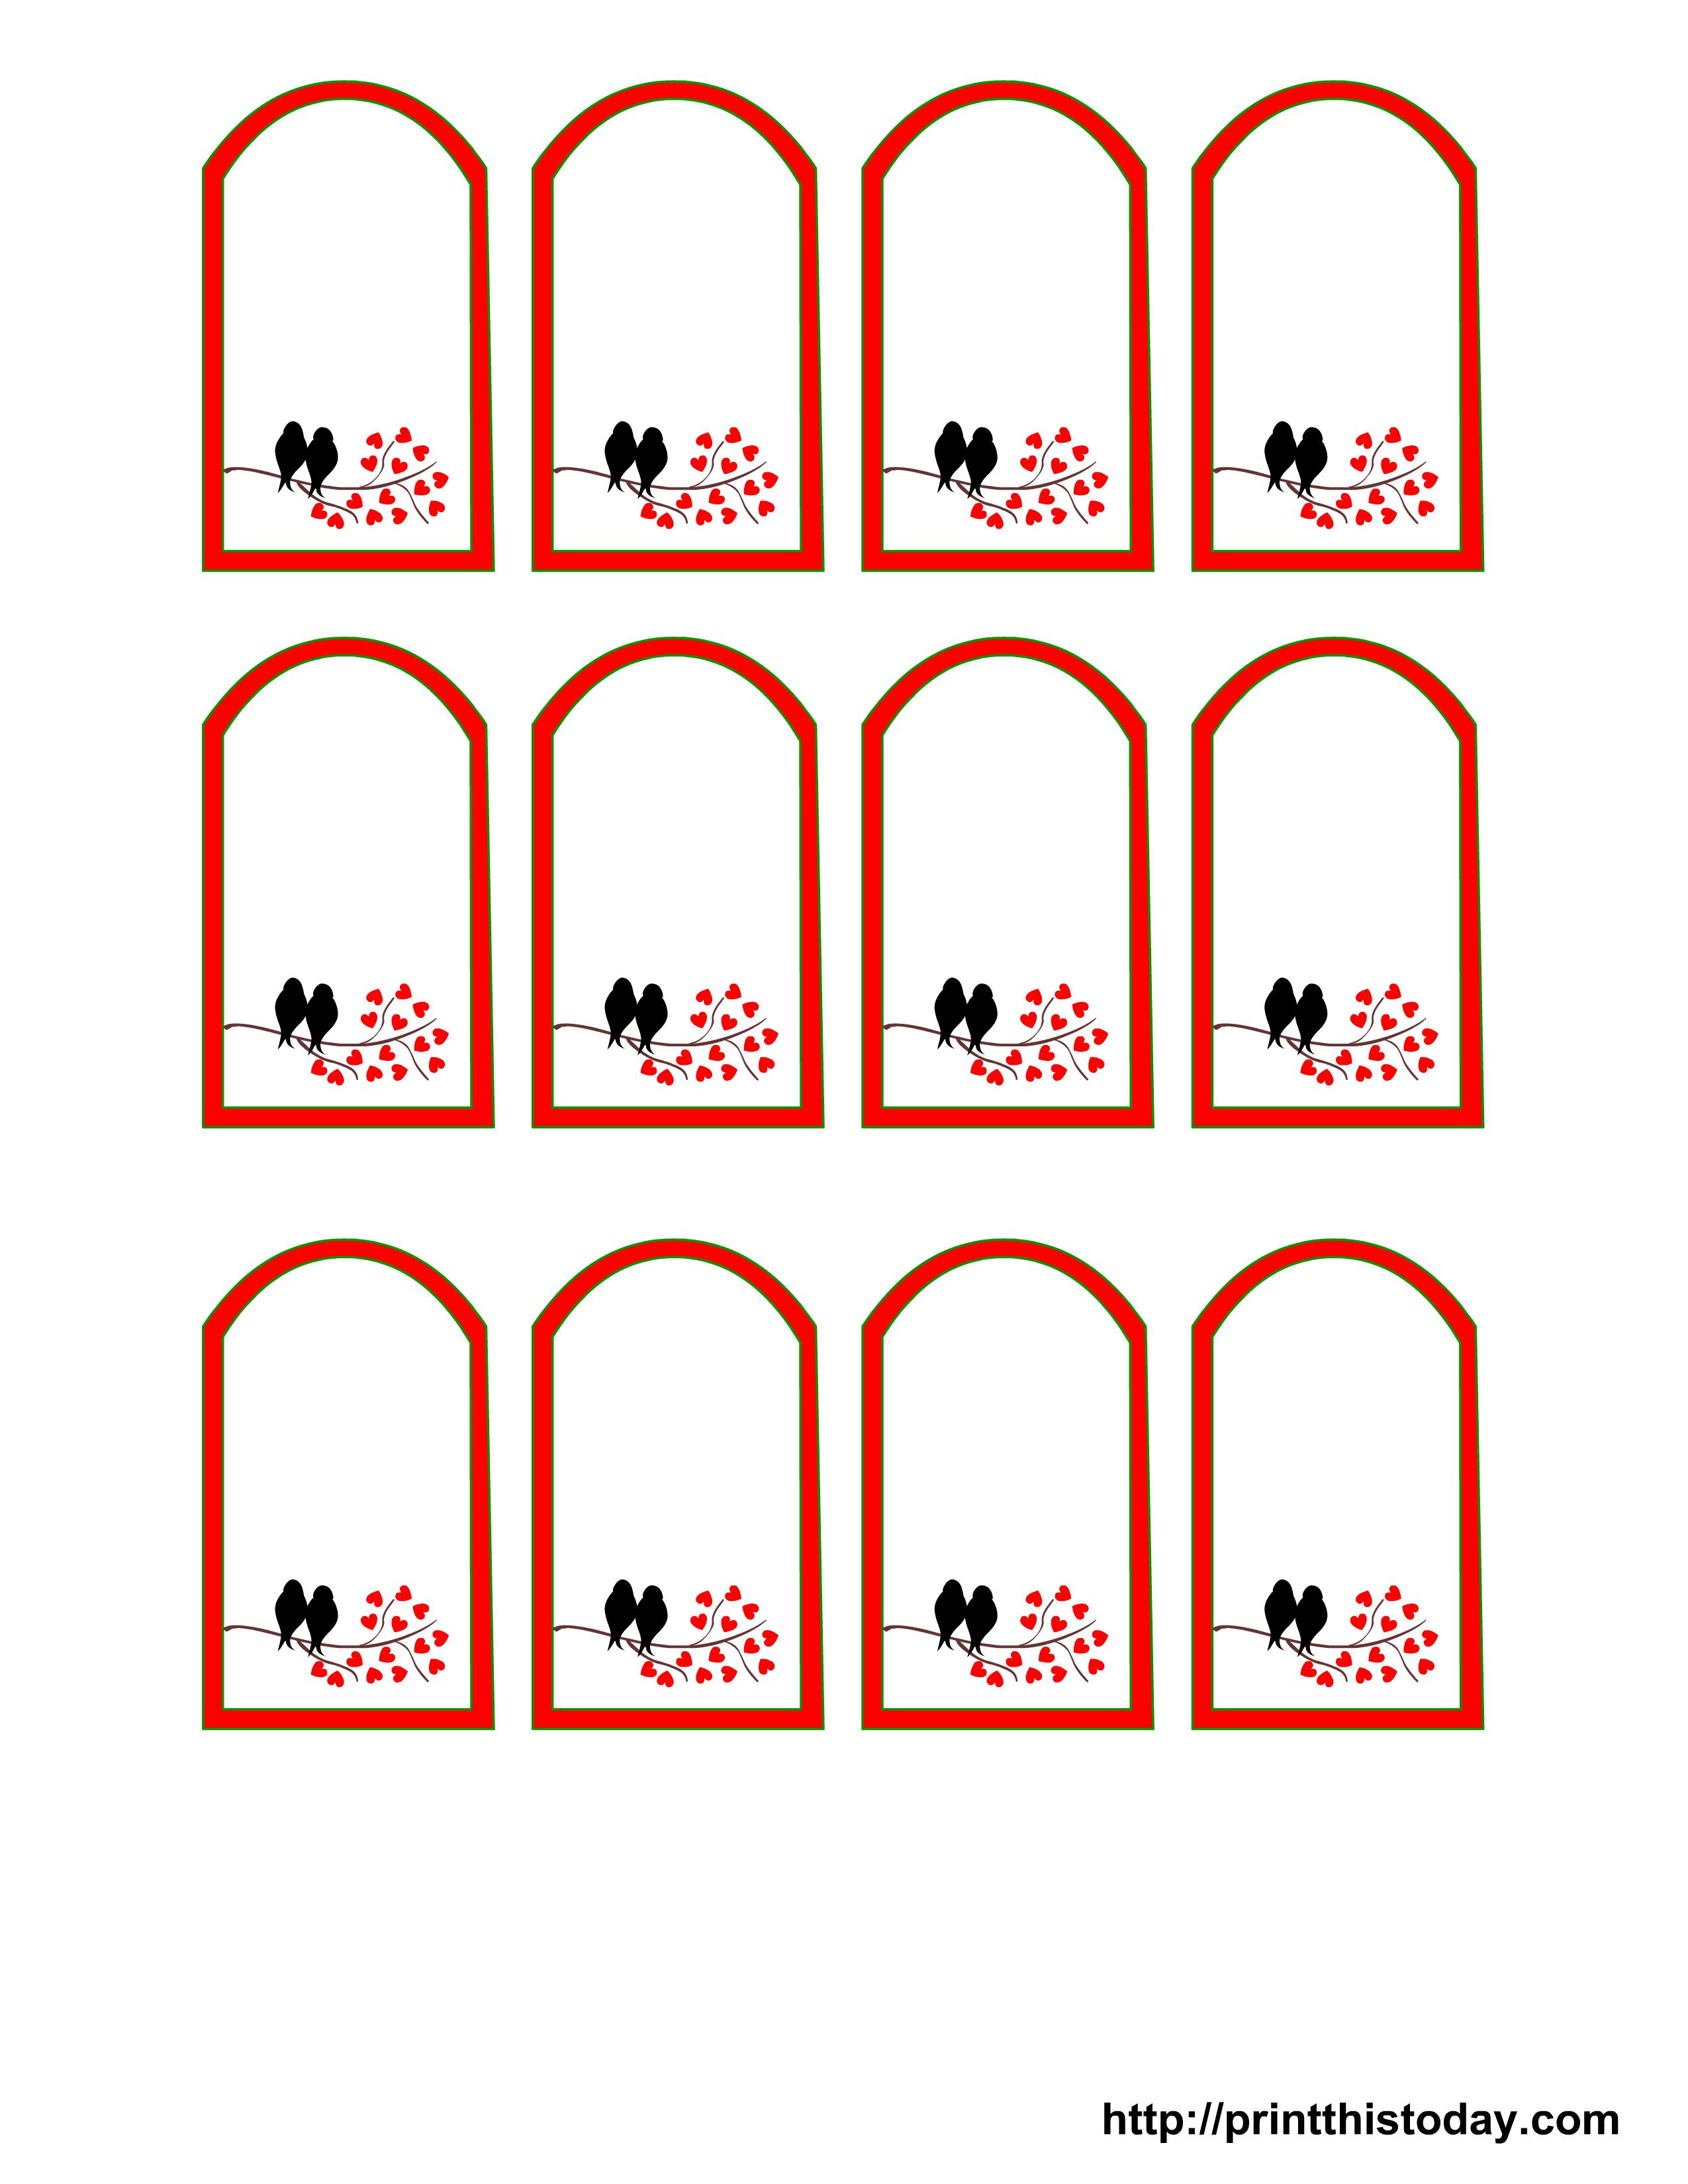 Free Printable Wedding Favor Tags - Free Printable Favor Tags